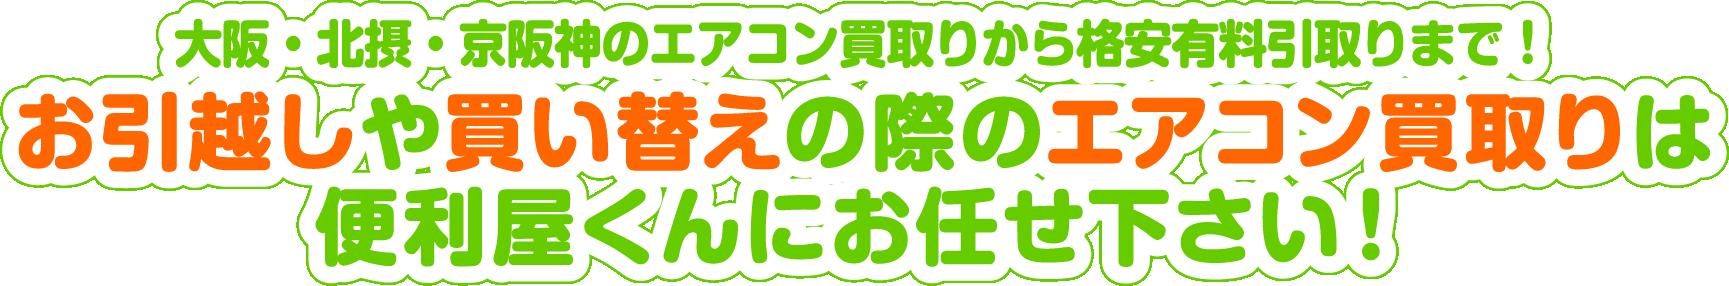 大阪・北摂・京阪神のエアコン無料回収を致します